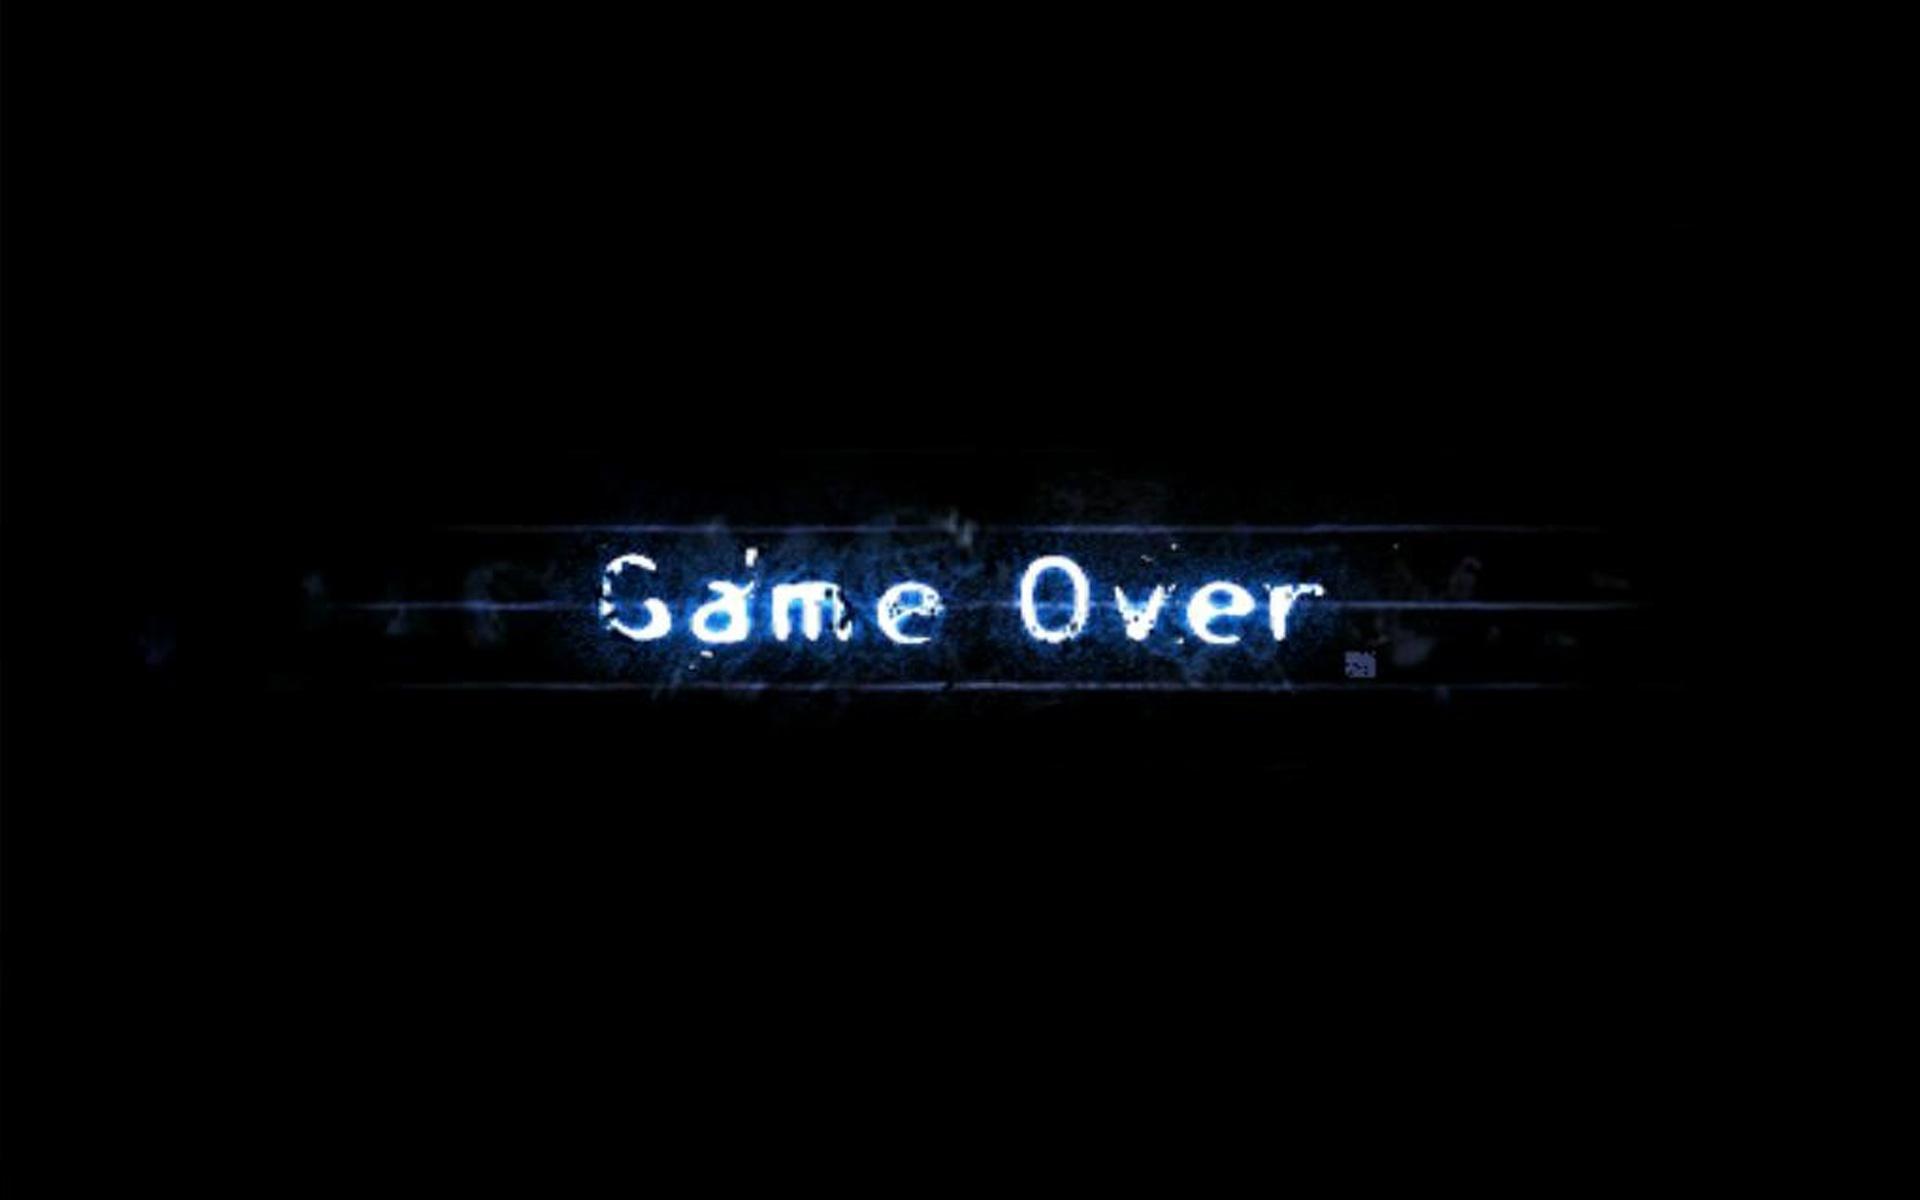 game over wallpaper wallpapersafari